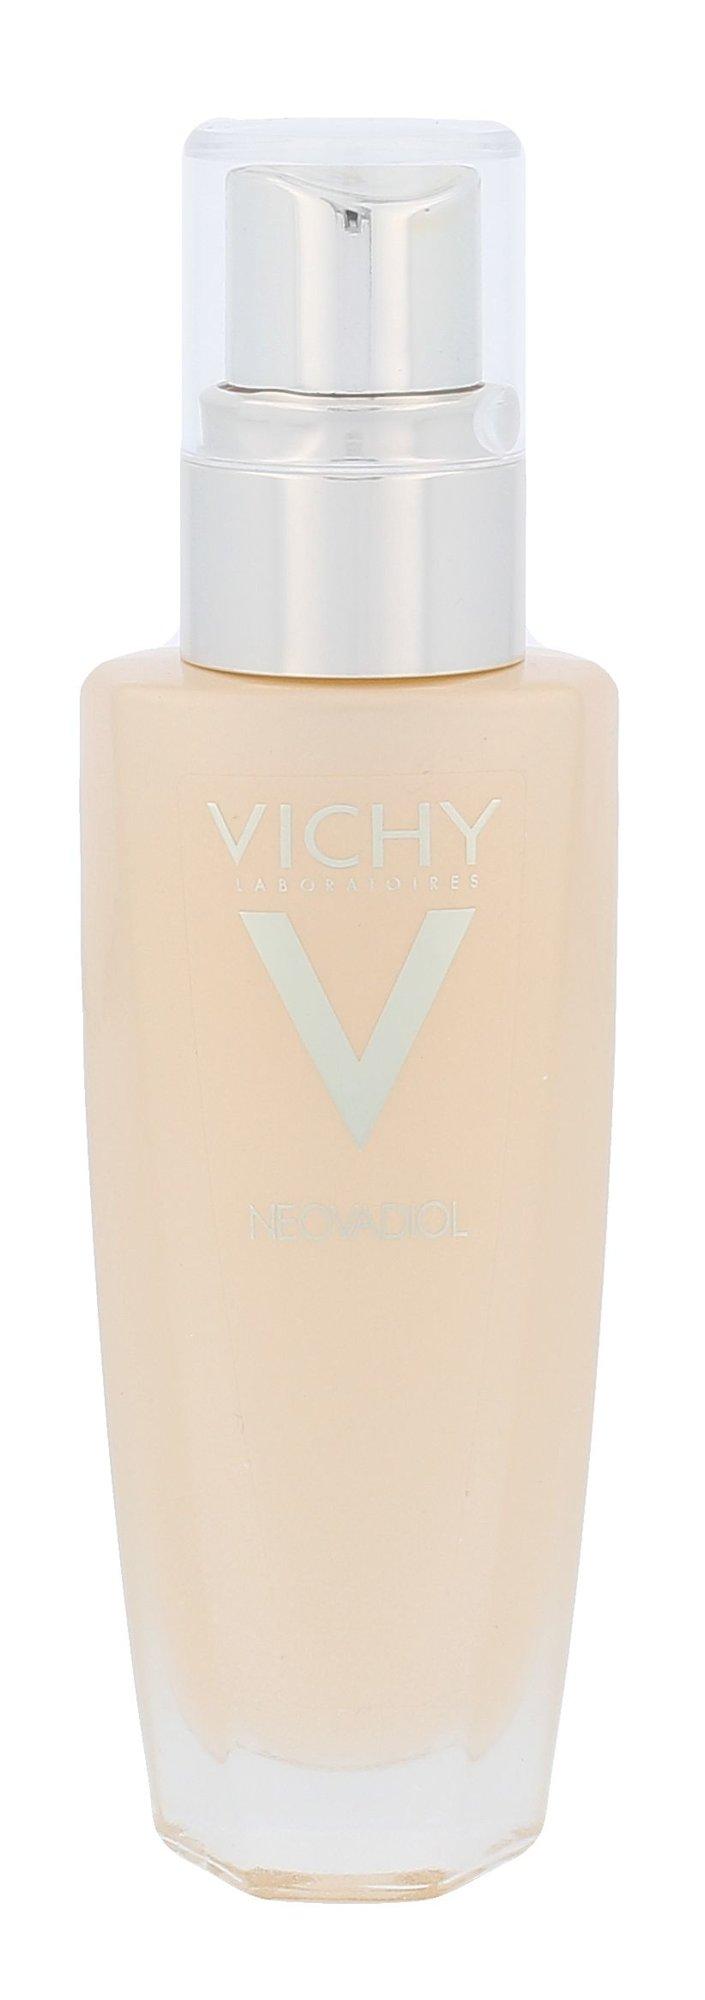 Vichy Neovadiol Cosmetic 30ml